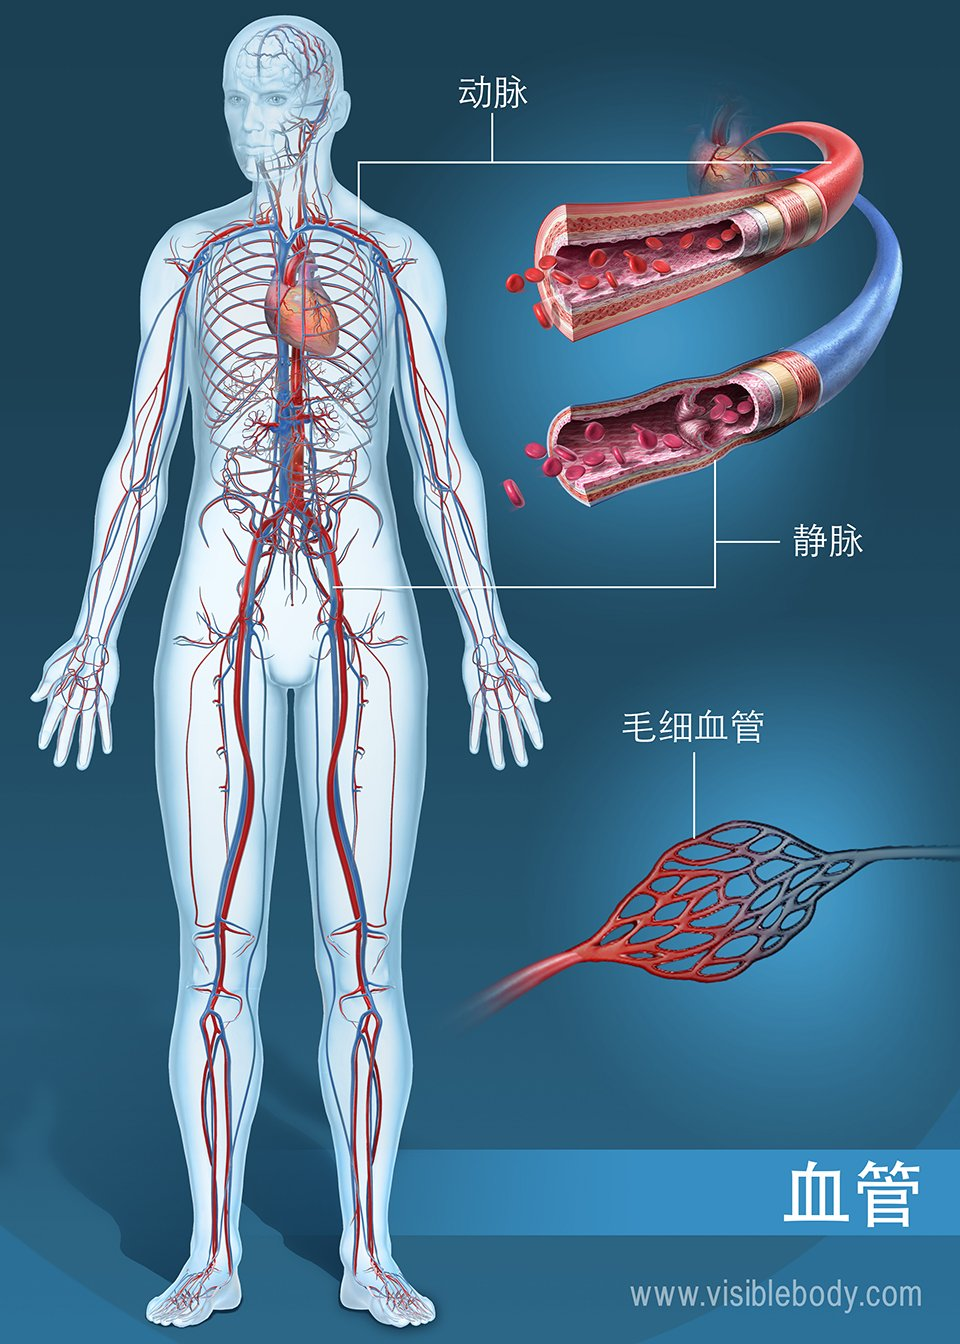 全身的动脉、静脉和毛细血管网络